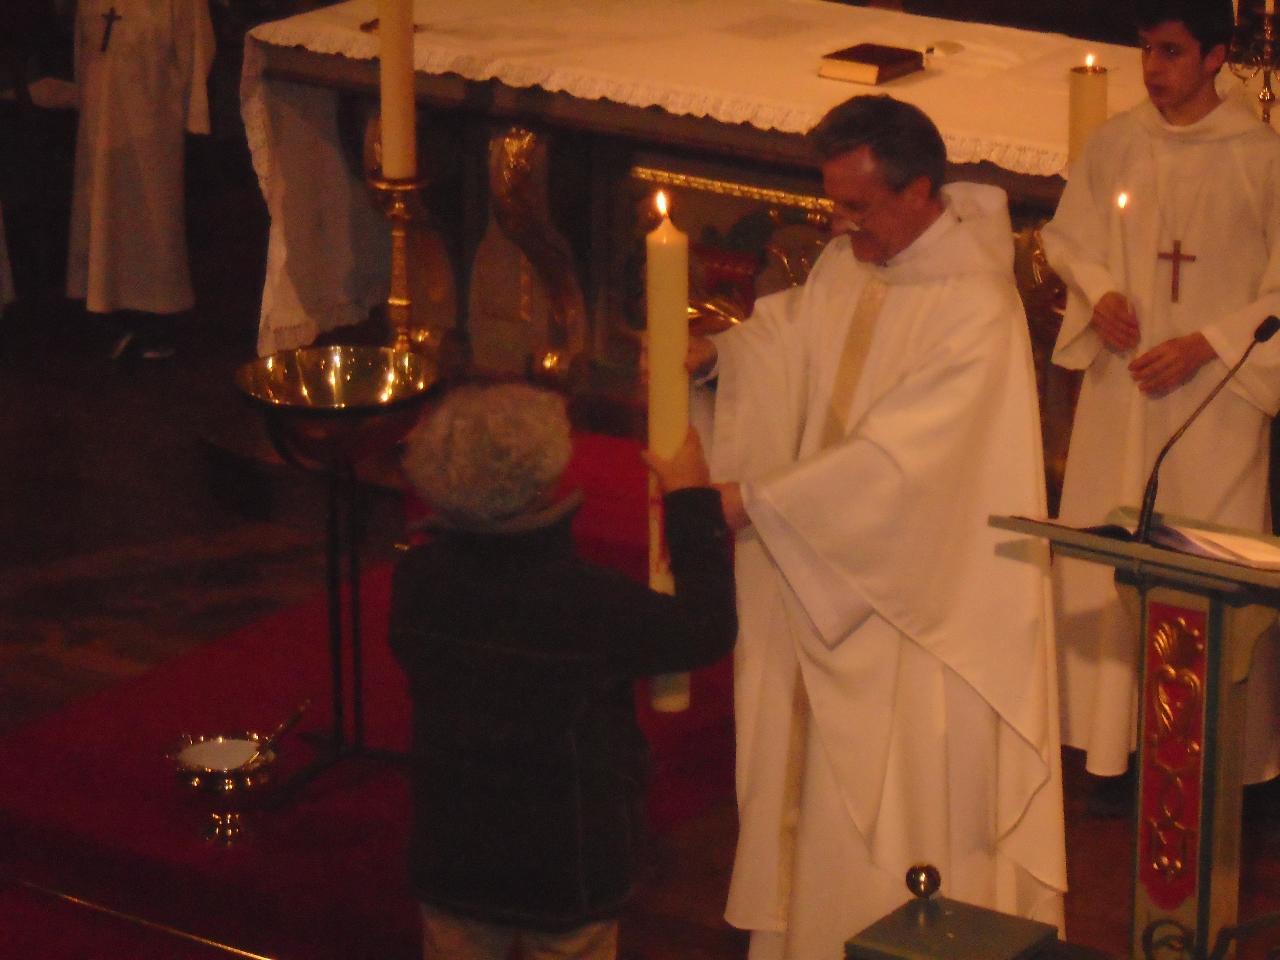 Remise du cierge pascal pour le relais de Béhobie